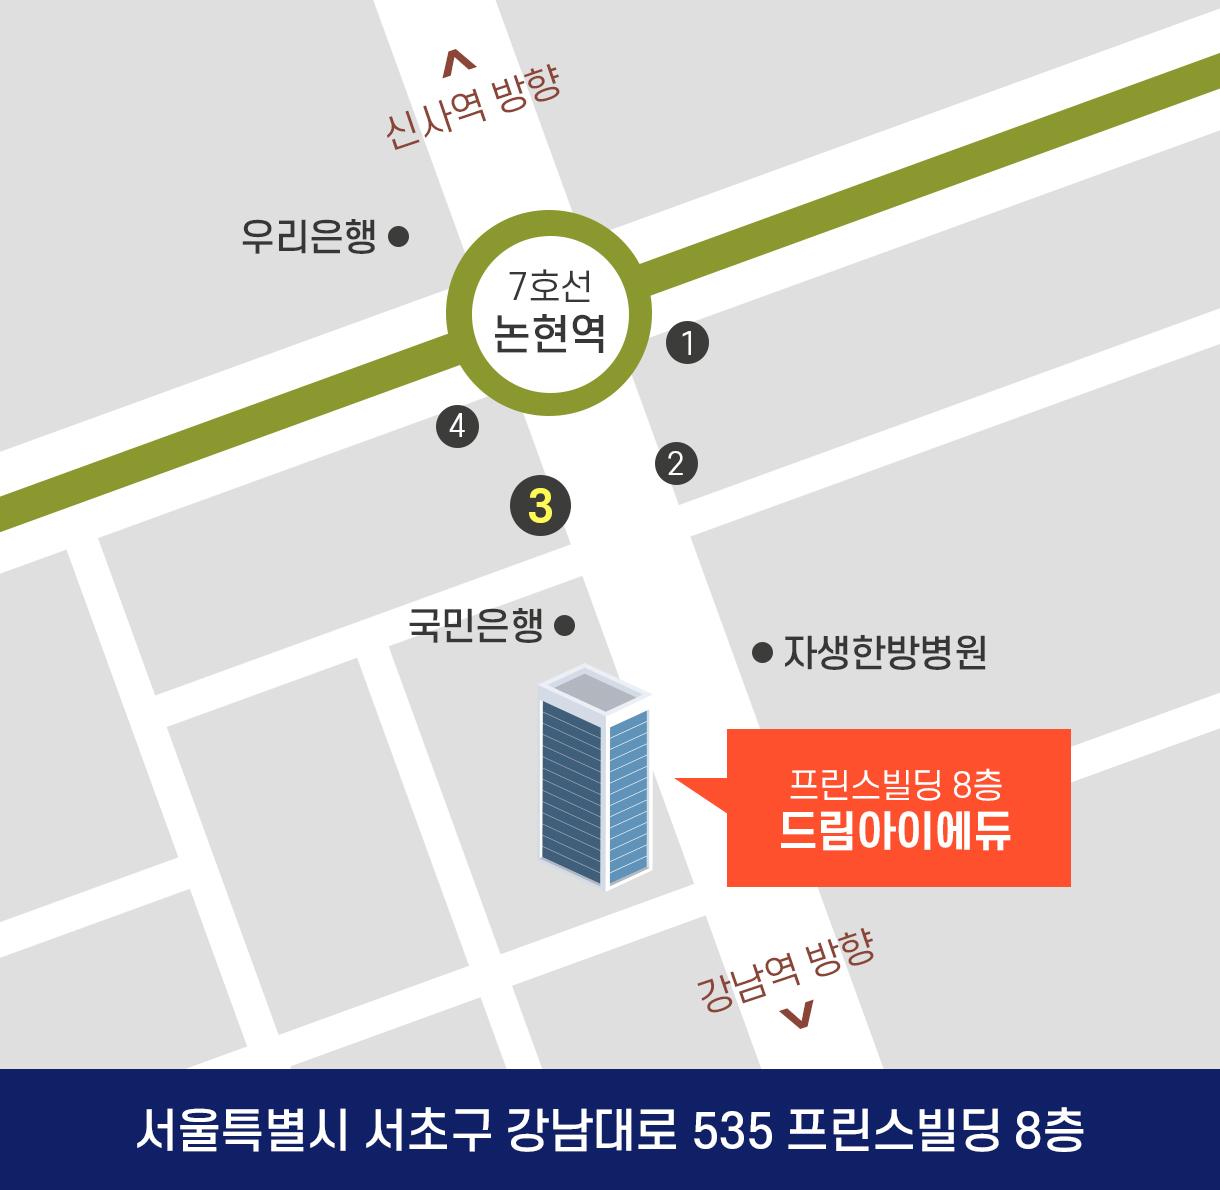 드림아이에듀 약도 서울특별시 서초구 강남대로 535 프린스빌딩 8층